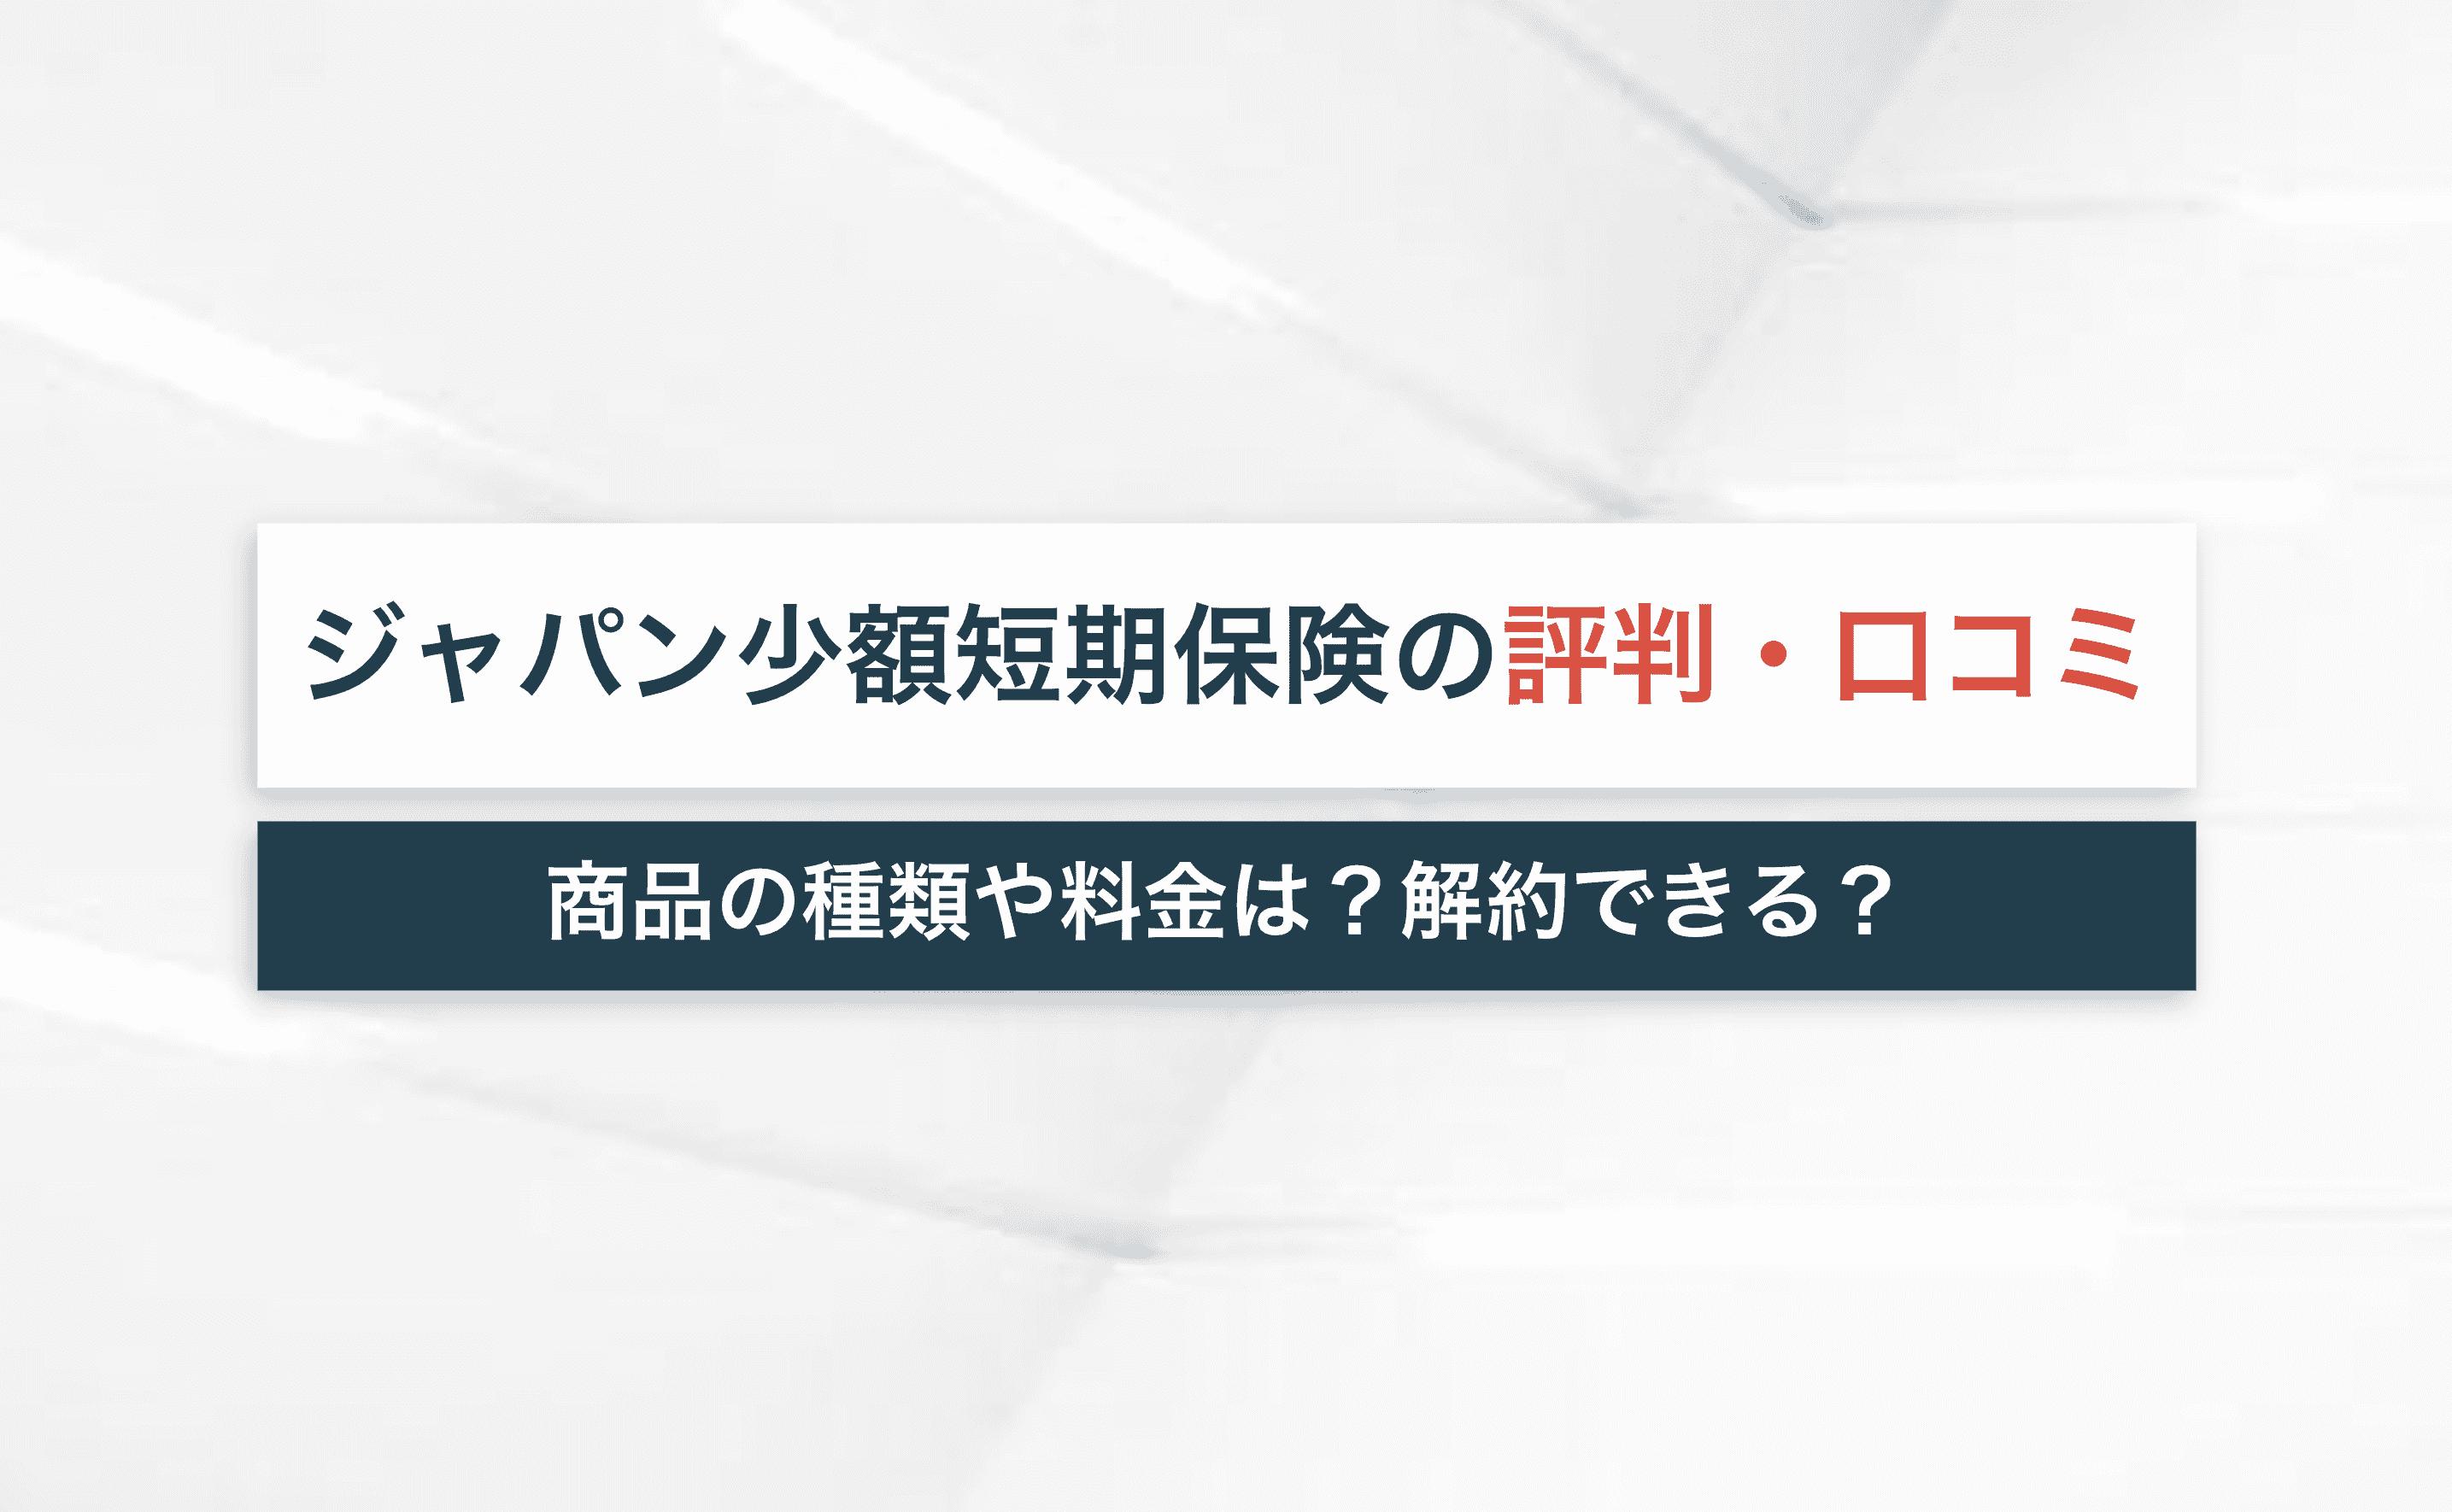 ジャパン少額短期保険の評判・口コミを紹介!商品の種類や料金は?【解約手続きは?】